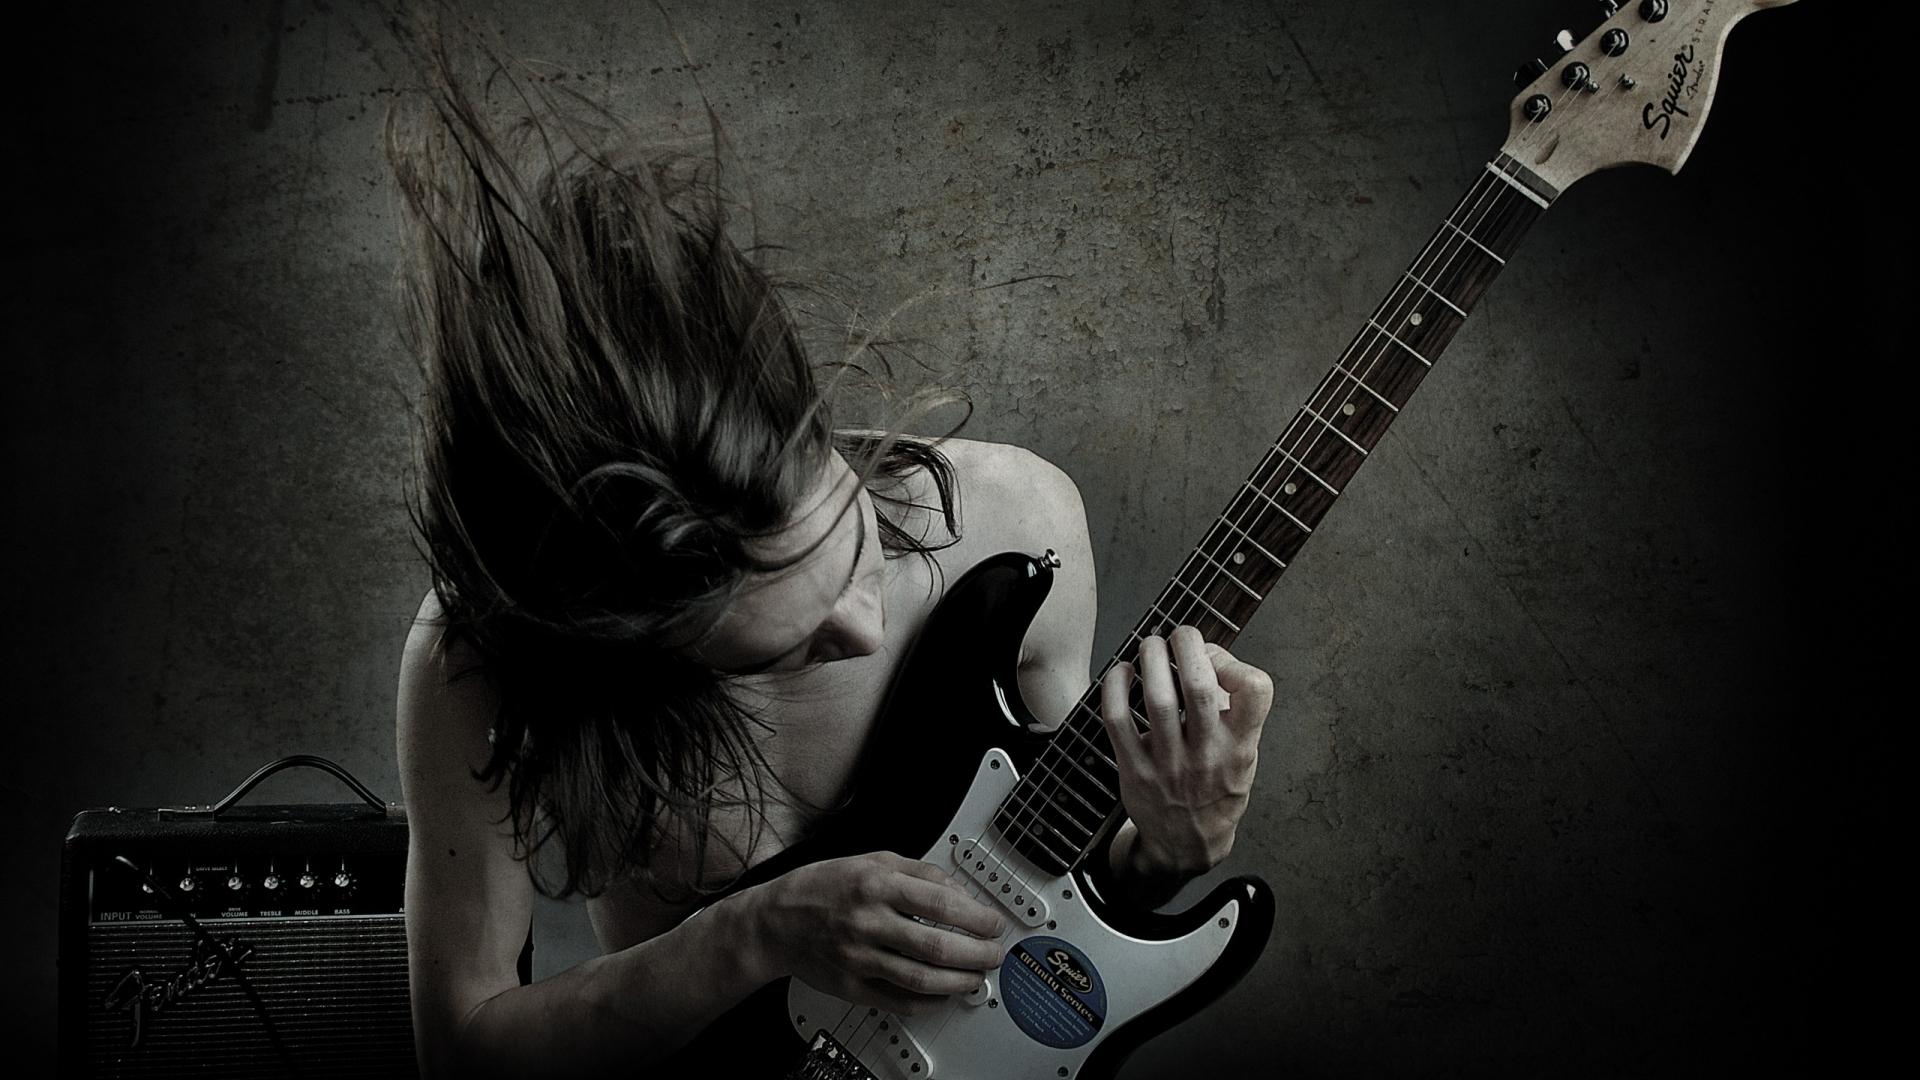 Un guitarrista con una Squier - 1920x1080